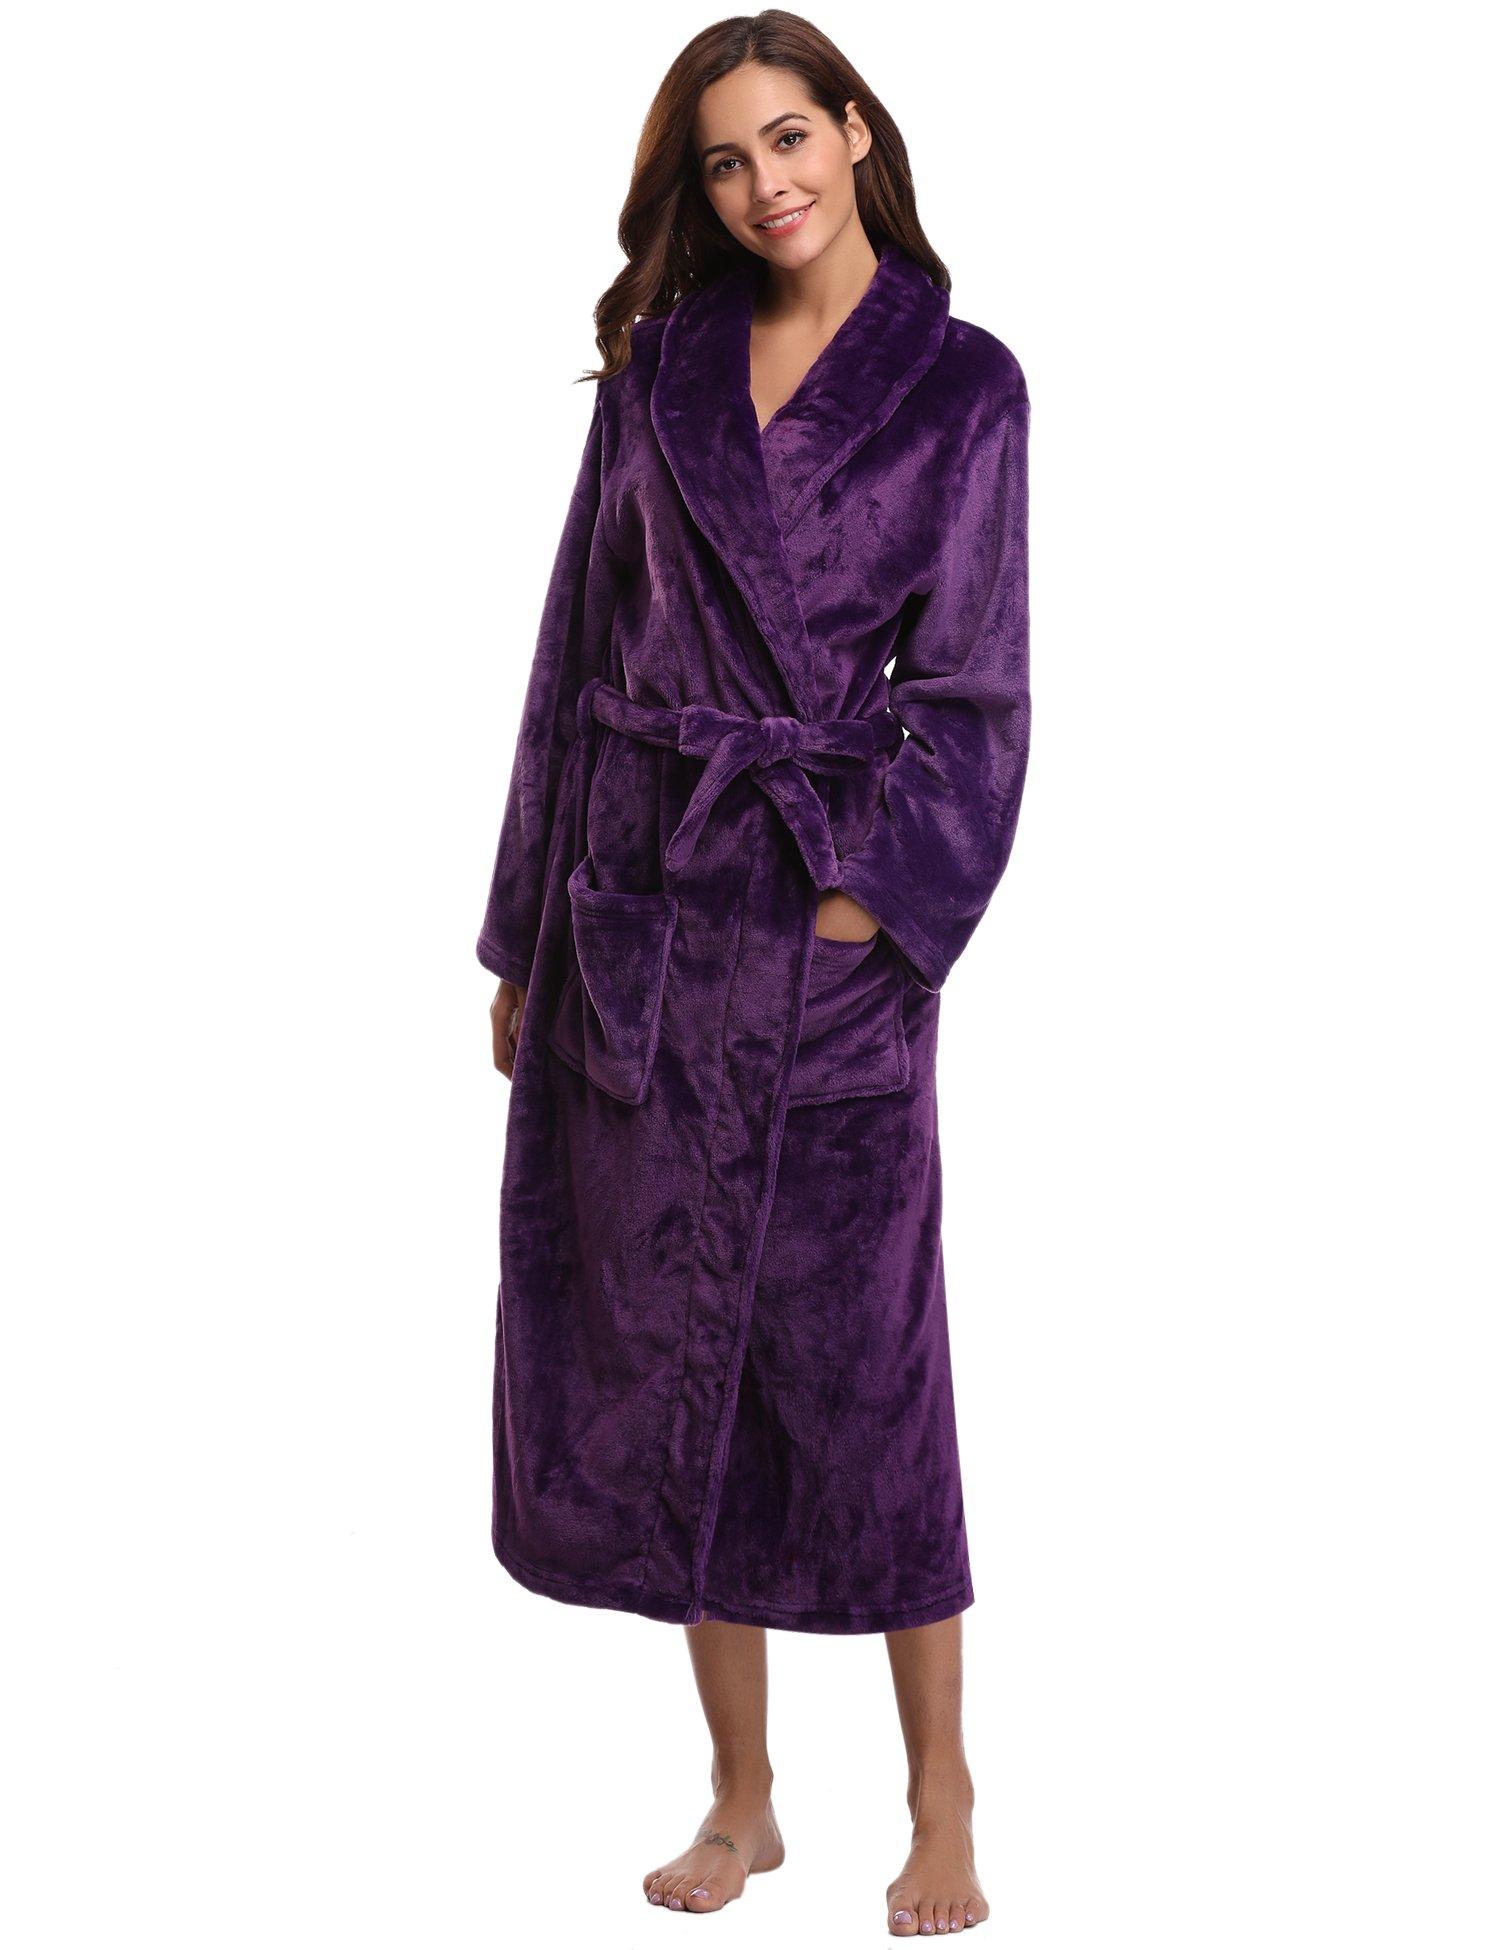 a4e316c7afc90 Aibrou Peignoir Femme Velours Robe de Chambre Polaire Chaud Long Flanelle  Peignoir de Bain Homme Eponge